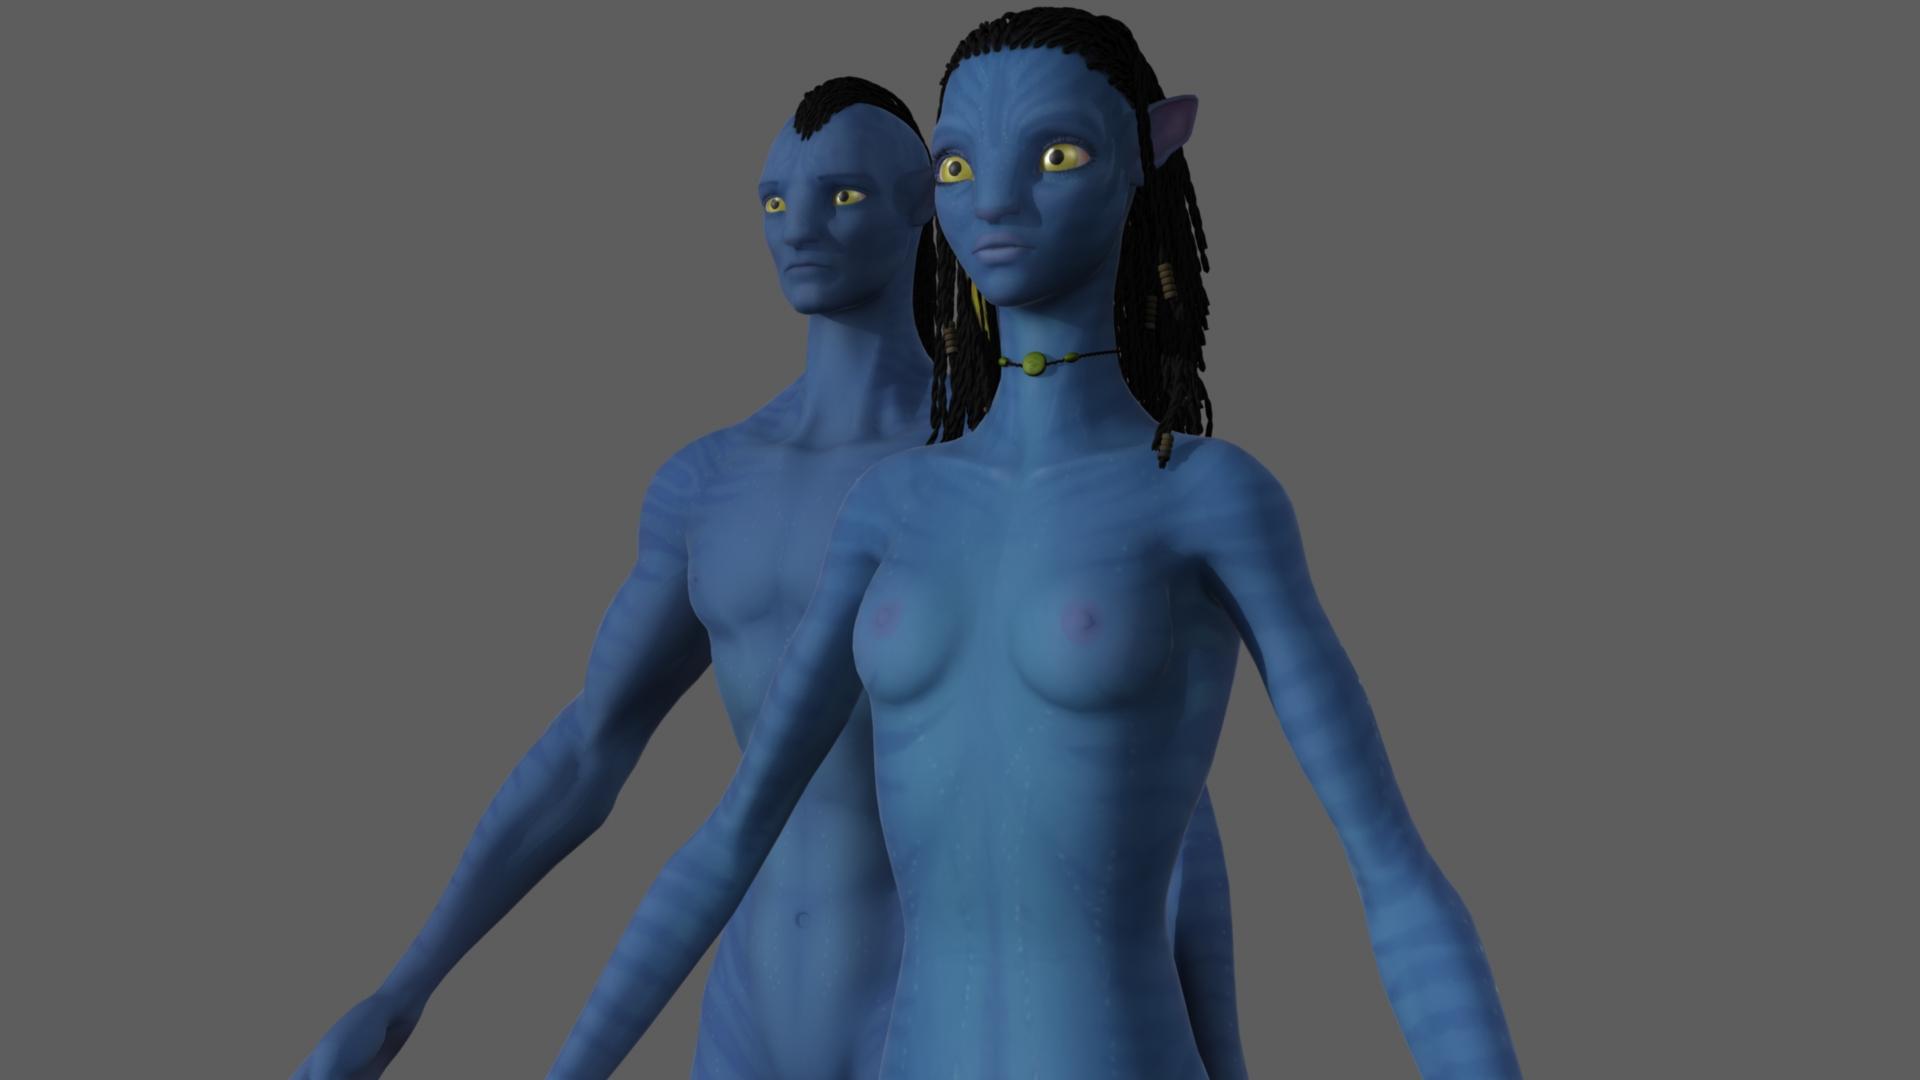 Naked avatar neytiri